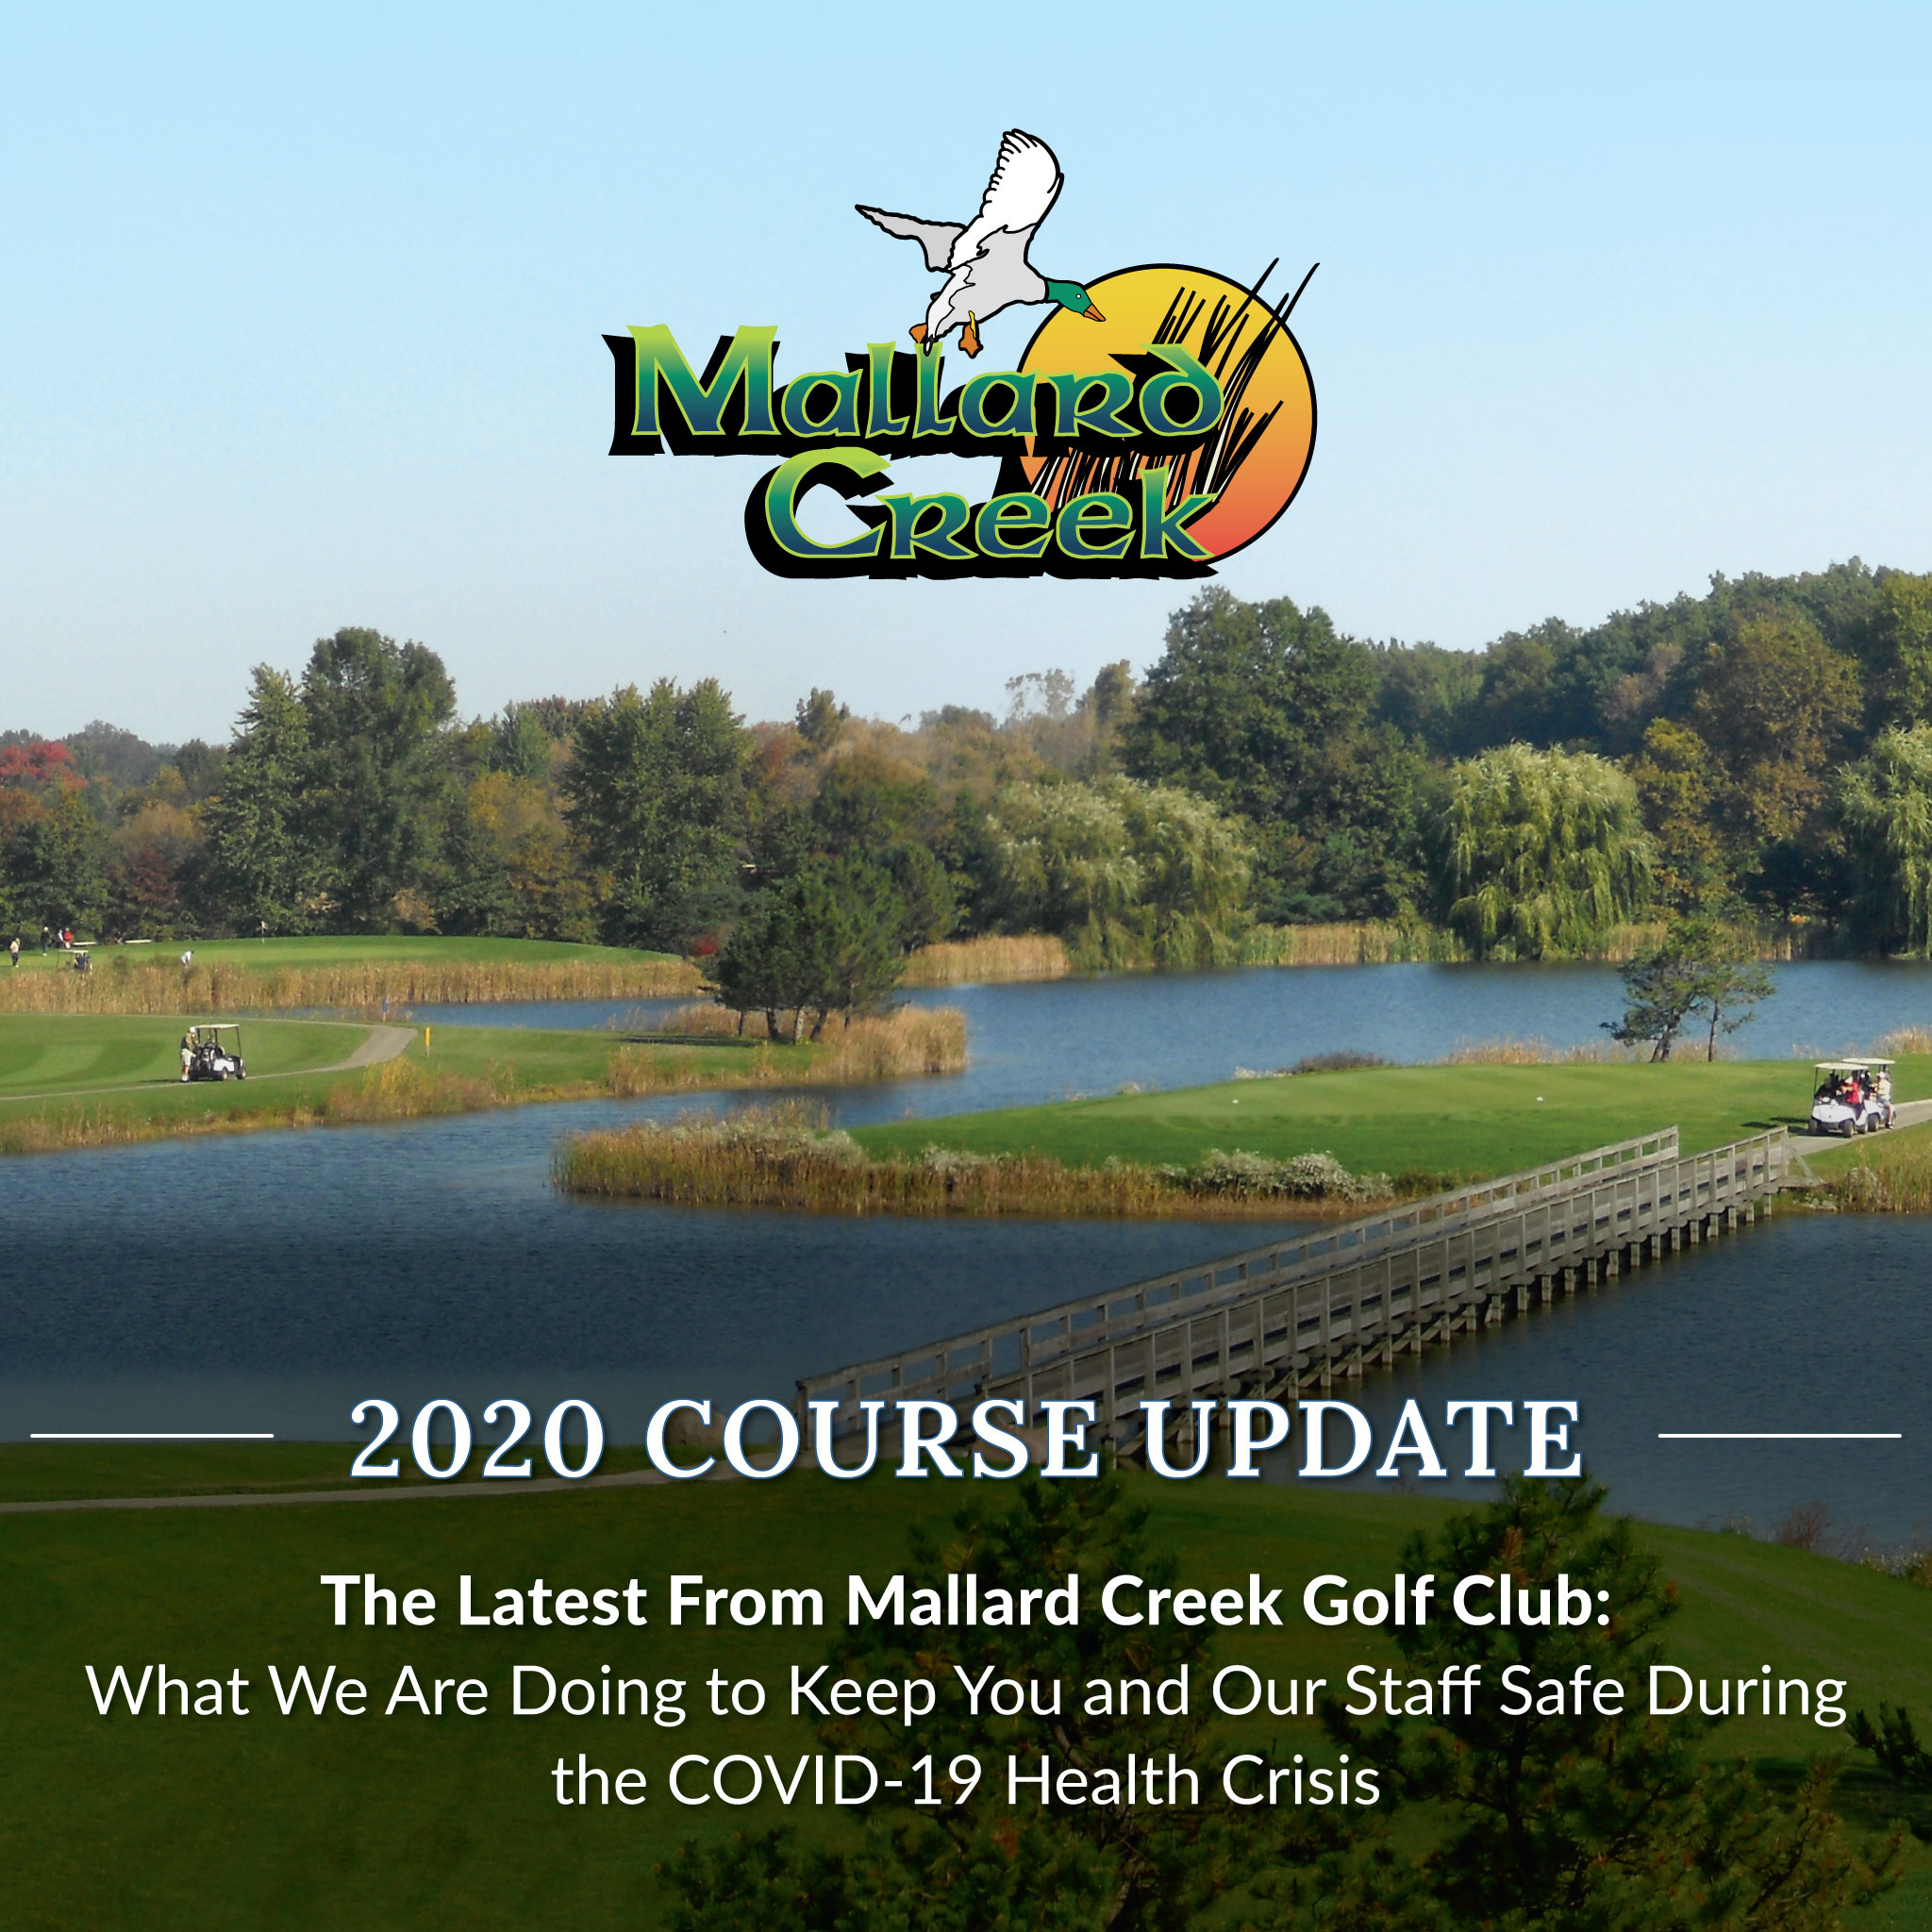 Mallard Creek Golf Club